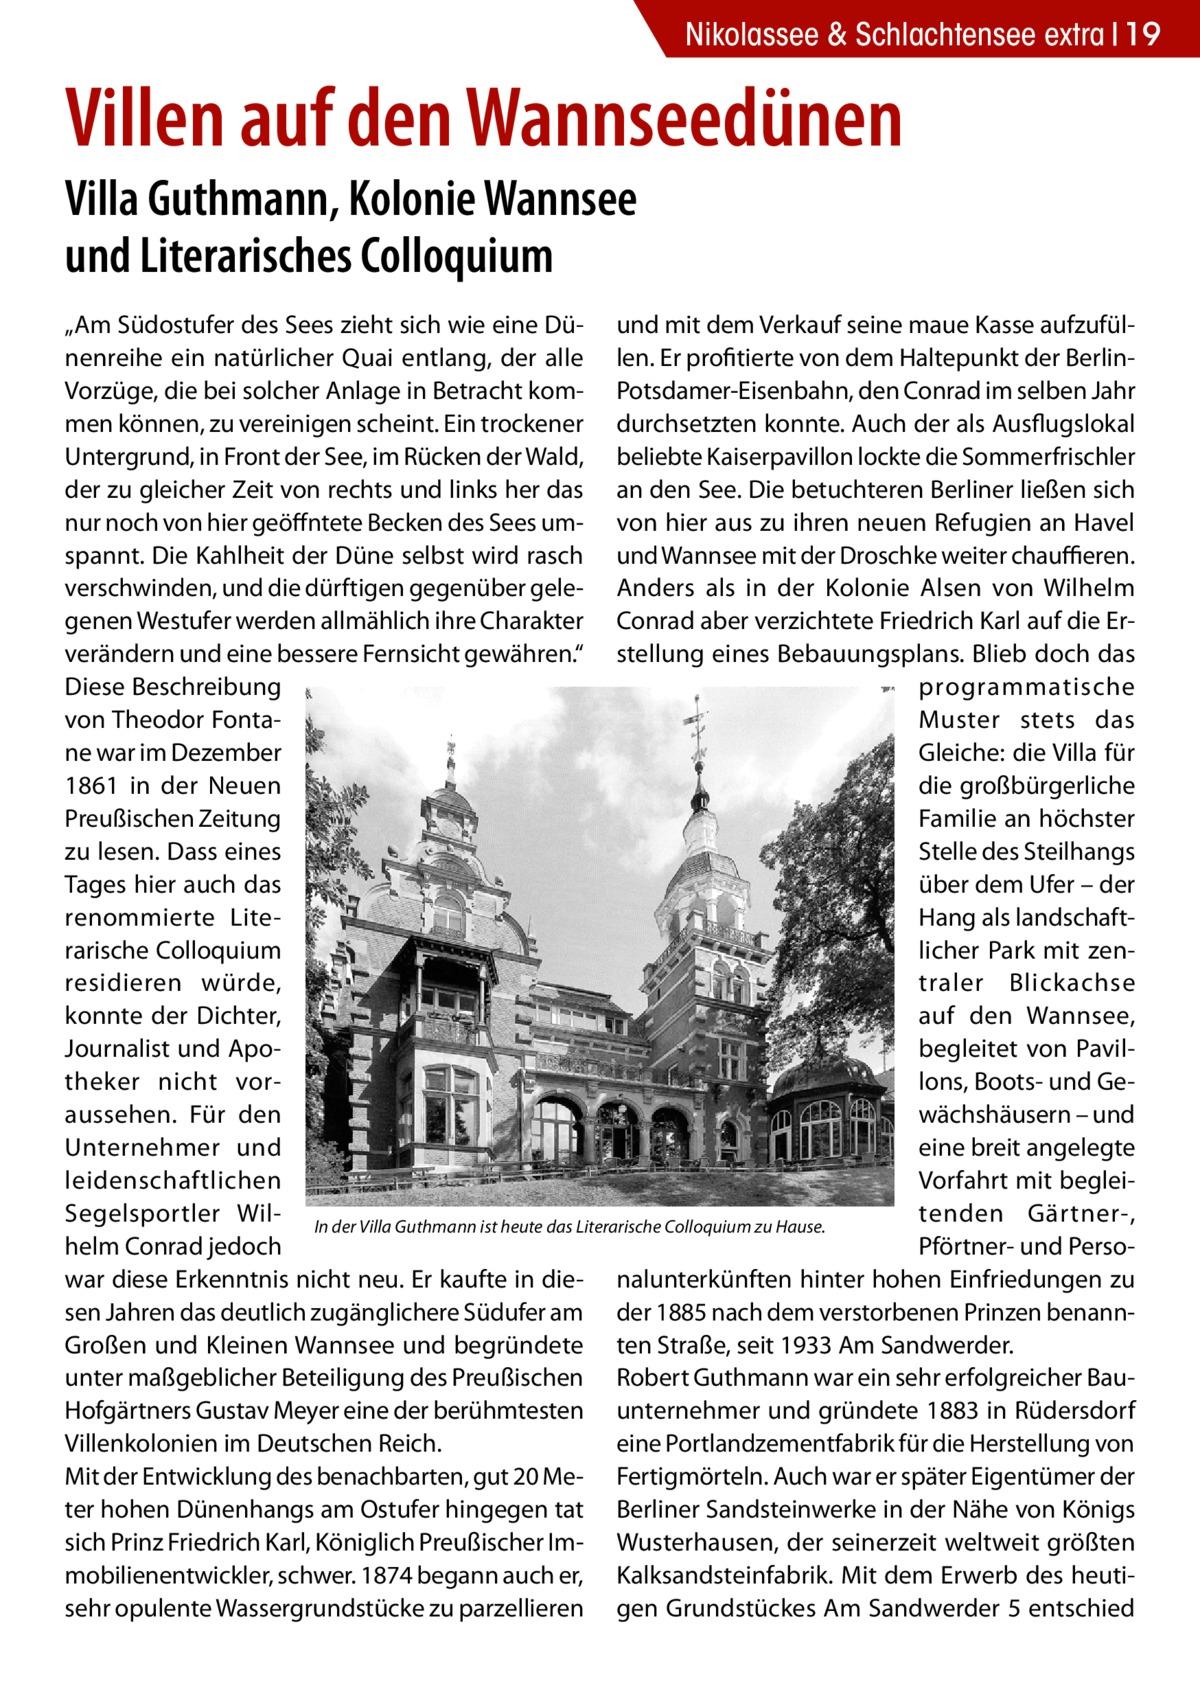 """Nikolassee & Schlachtensee extra 19  Villen auf den Wannseedünen Villa Guthmann, Kolonie Wannsee und Literarisches Colloquium  """"Am Südostufer des Sees zieht sich wie eine Dü- und mit dem Verkauf seine maue Kasse aufzufülnenreihe ein natürlicher Quai entlang, der alle len. Er profitierte von dem Haltepunkt der BerlinVorzüge, die bei solcher Anlage in Betracht kom- Potsdamer-Eisenbahn, den Conrad im selben Jahr men können, zu vereinigen scheint. Ein trockener durchsetzten konnte. Auch der als Ausflugslokal Untergrund, in Front der See, im Rücken der Wald, beliebte Kaiserpavillon lockte die Sommerfrischler der zu gleicher Zeit von rechts und links her das an den See. Die betuchteren Berliner ließen sich nur noch von hier geöffntete Becken des Sees um- von hier aus zu ihren neuen Refugien an Havel spannt. Die Kahlheit der Düne selbst wird rasch und Wannsee mit der Droschke weiter chauffieren. verschwinden, und die dürftigen gegenüber gele- Anders als in der Kolonie Alsen von Wilhelm genen Westufer werden allmählich ihre Charakter Conrad aber verzichtete Friedrich Karl auf die Erverändern und eine bessere Fernsicht gewähren."""" stellung eines Bebauungsplans. Blieb doch das Diese Beschreibung programmatische von Theodor FontaMuster stets das ne war im Dezember Gleiche: die Villa für 1861 in der Neuen die großbürgerliche Preußischen Zeitung Familie an höchster zu lesen. Dass eines Stelle des Steilhangs Tages hier auch das über dem Ufer – der renommierte LiteHang als landschaftrarische Colloquium licher Park mit zenresidieren würde, traler Blickachse konnte der Dichter, auf den Wannsee, Journalist und Apobegleitet von Paviltheker nicht vorlons, Boots- und Geaussehen. Für den wächshäusern – und eine breit angelegte Unternehmer und Vorfahrt mit begleileidenschaftlichen tenden Gärtner-, Segelsportler Wil- In der Villa Guthmann ist heute das Literarische Colloquium zu Hause. helm Conrad jedoch Pförtner- und Persowar diese Erkenntnis nicht neu. Er kaufte in die- nalunterkünften hi"""